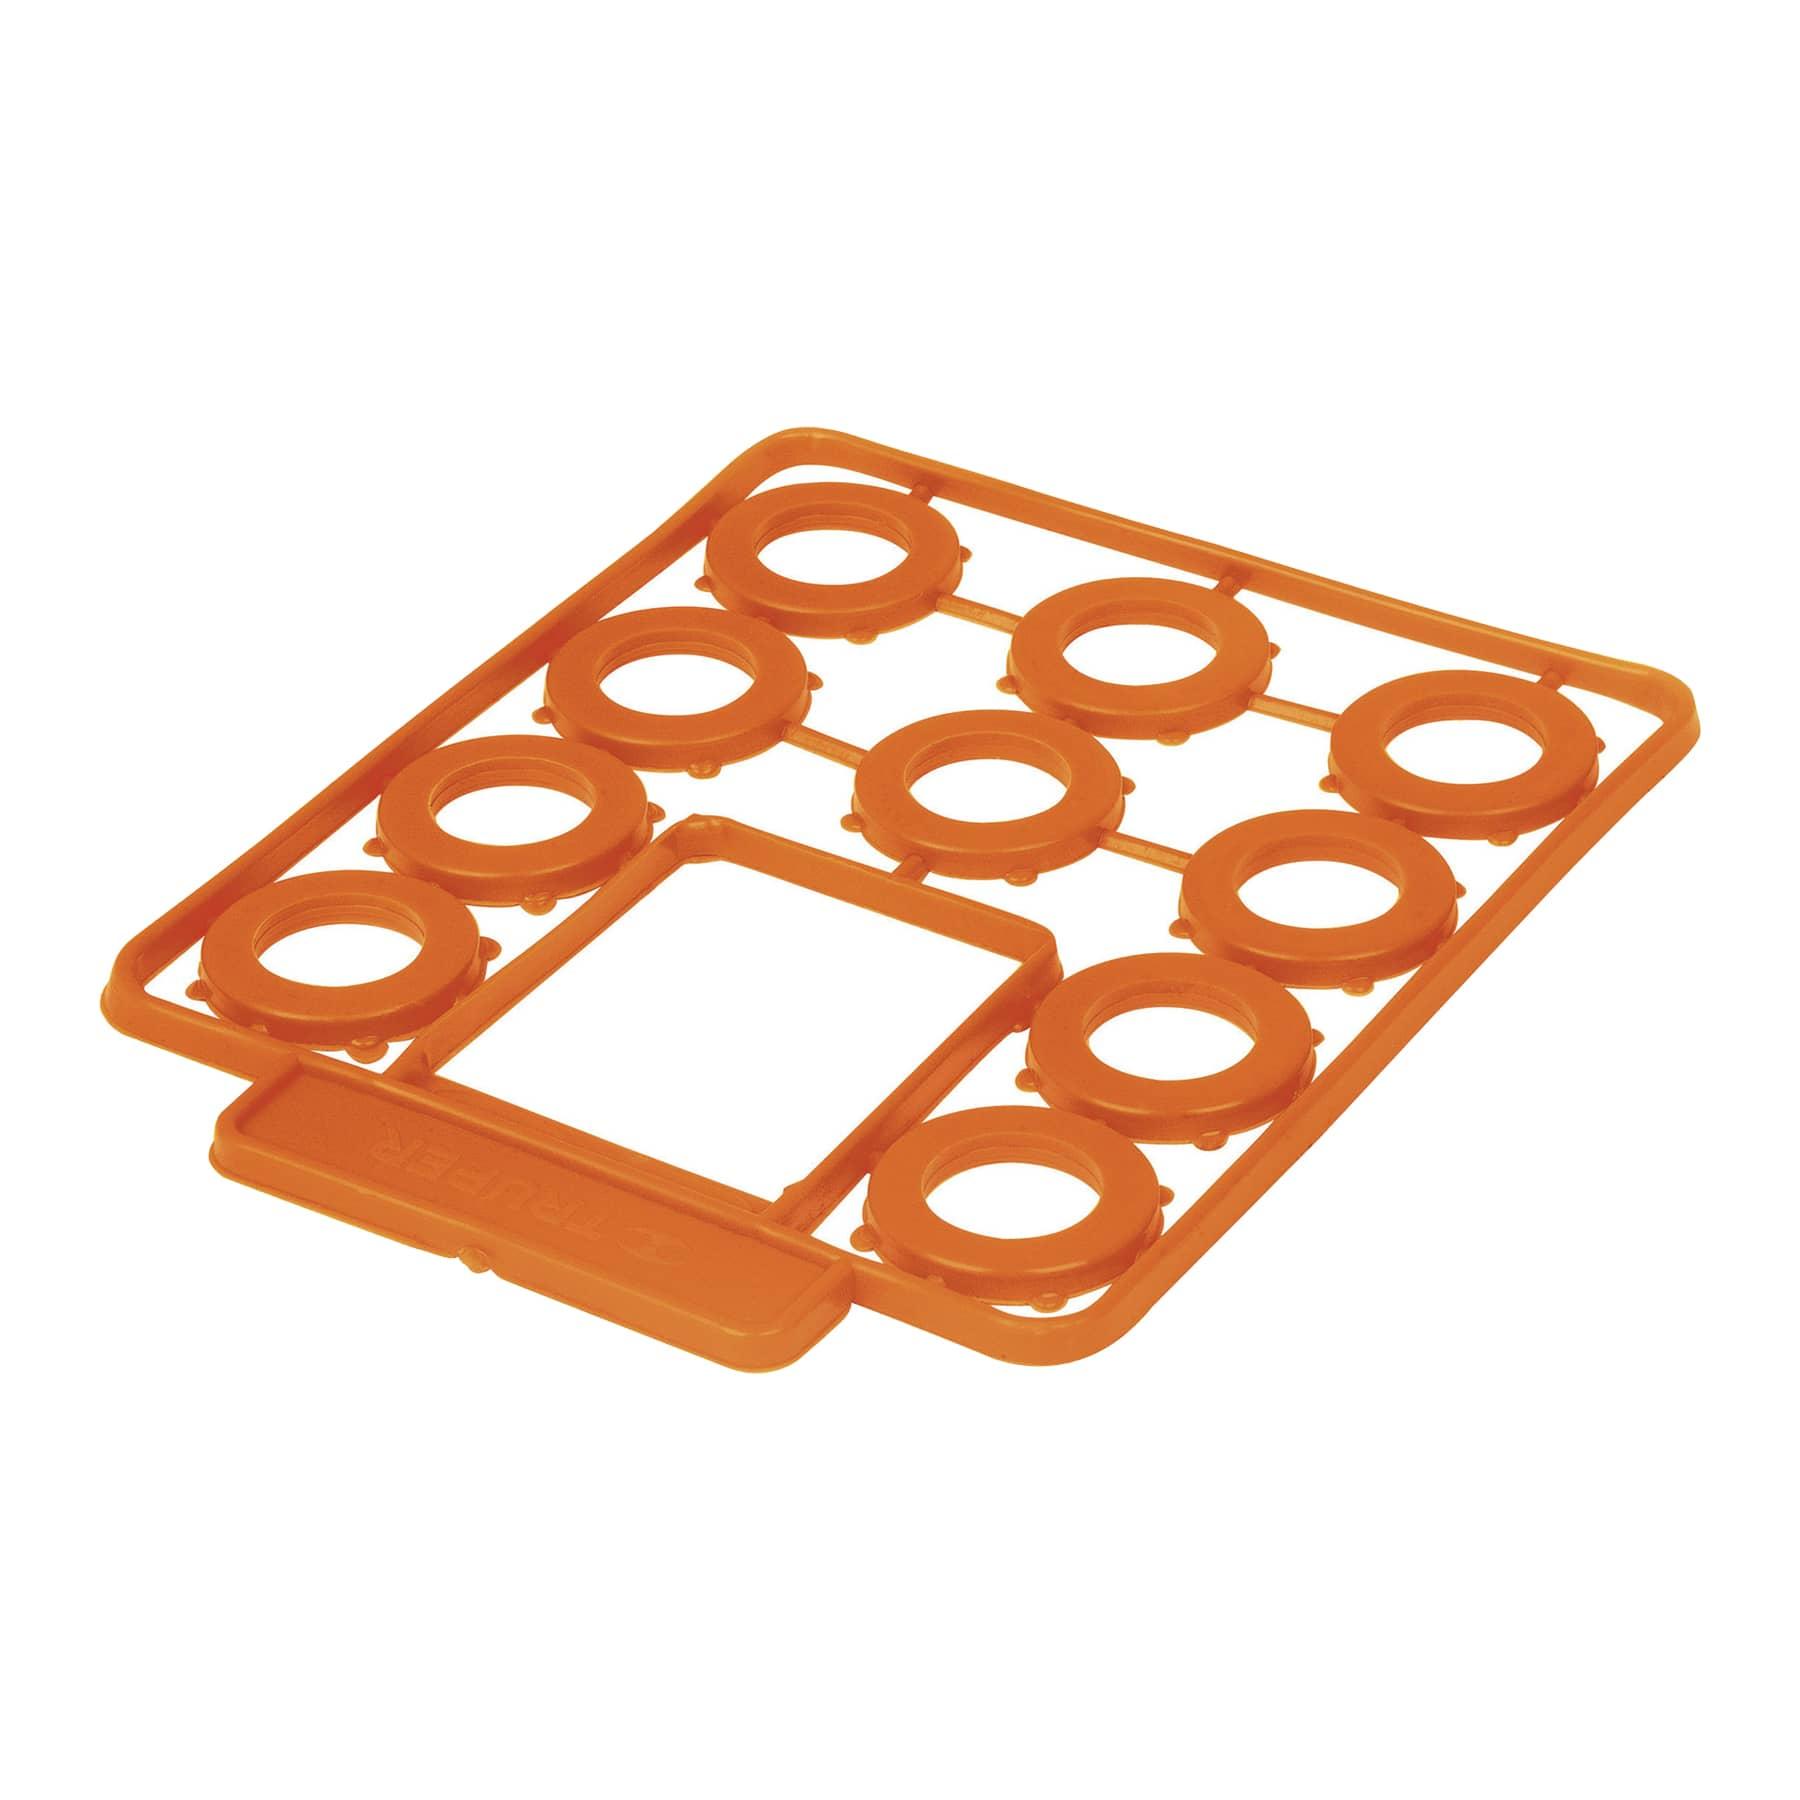 Empaques de hule para manguera, medida standard, 10 piezas